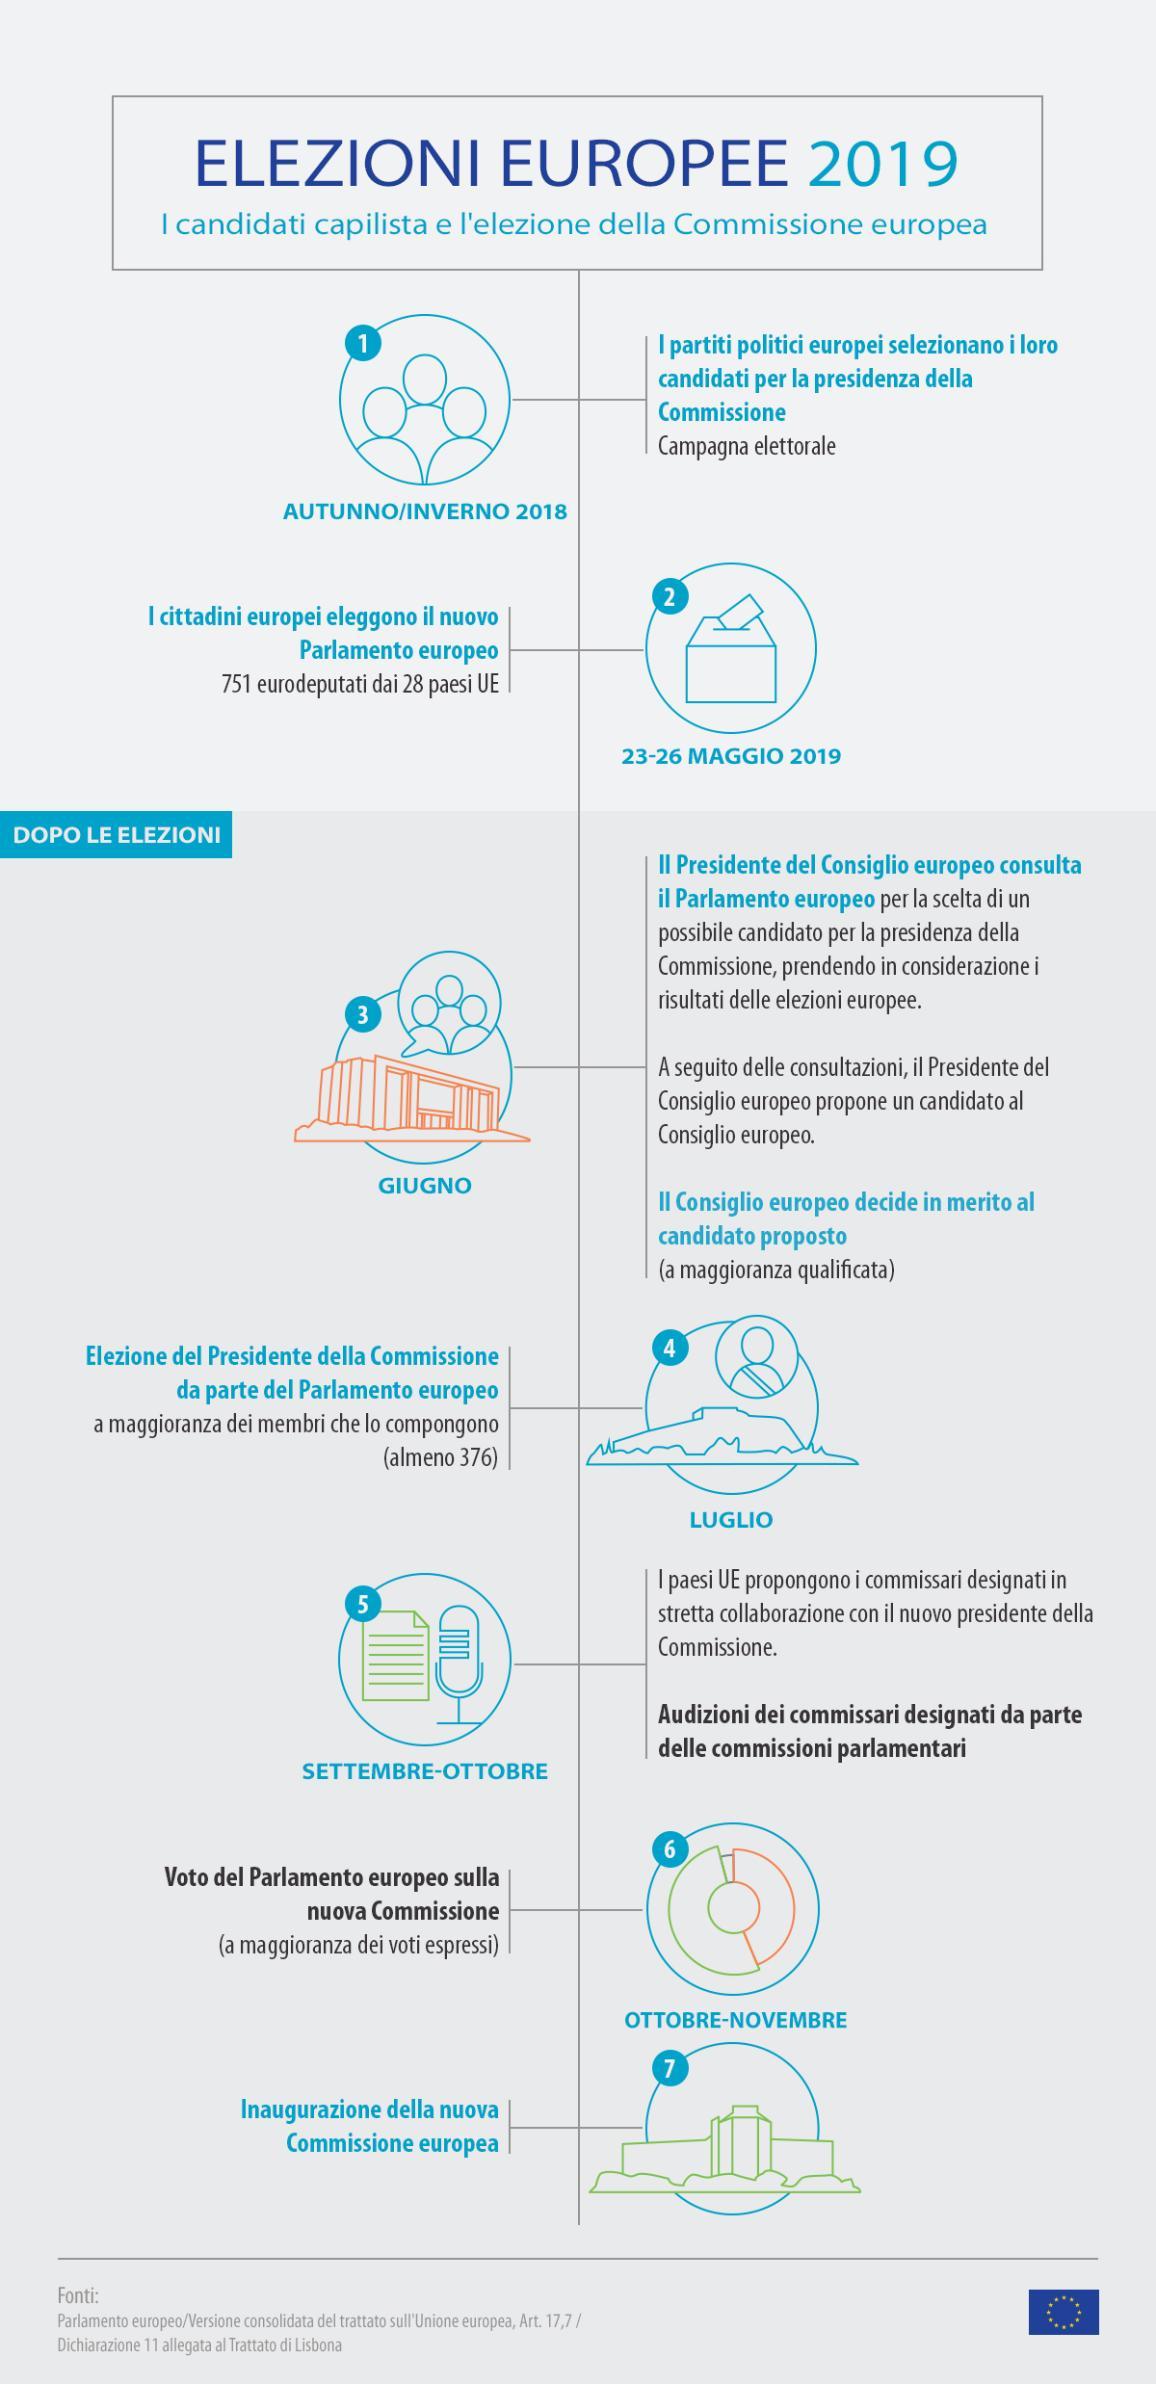 Infografica sulla cronologia dei passaggi successivi alle elezioni europee